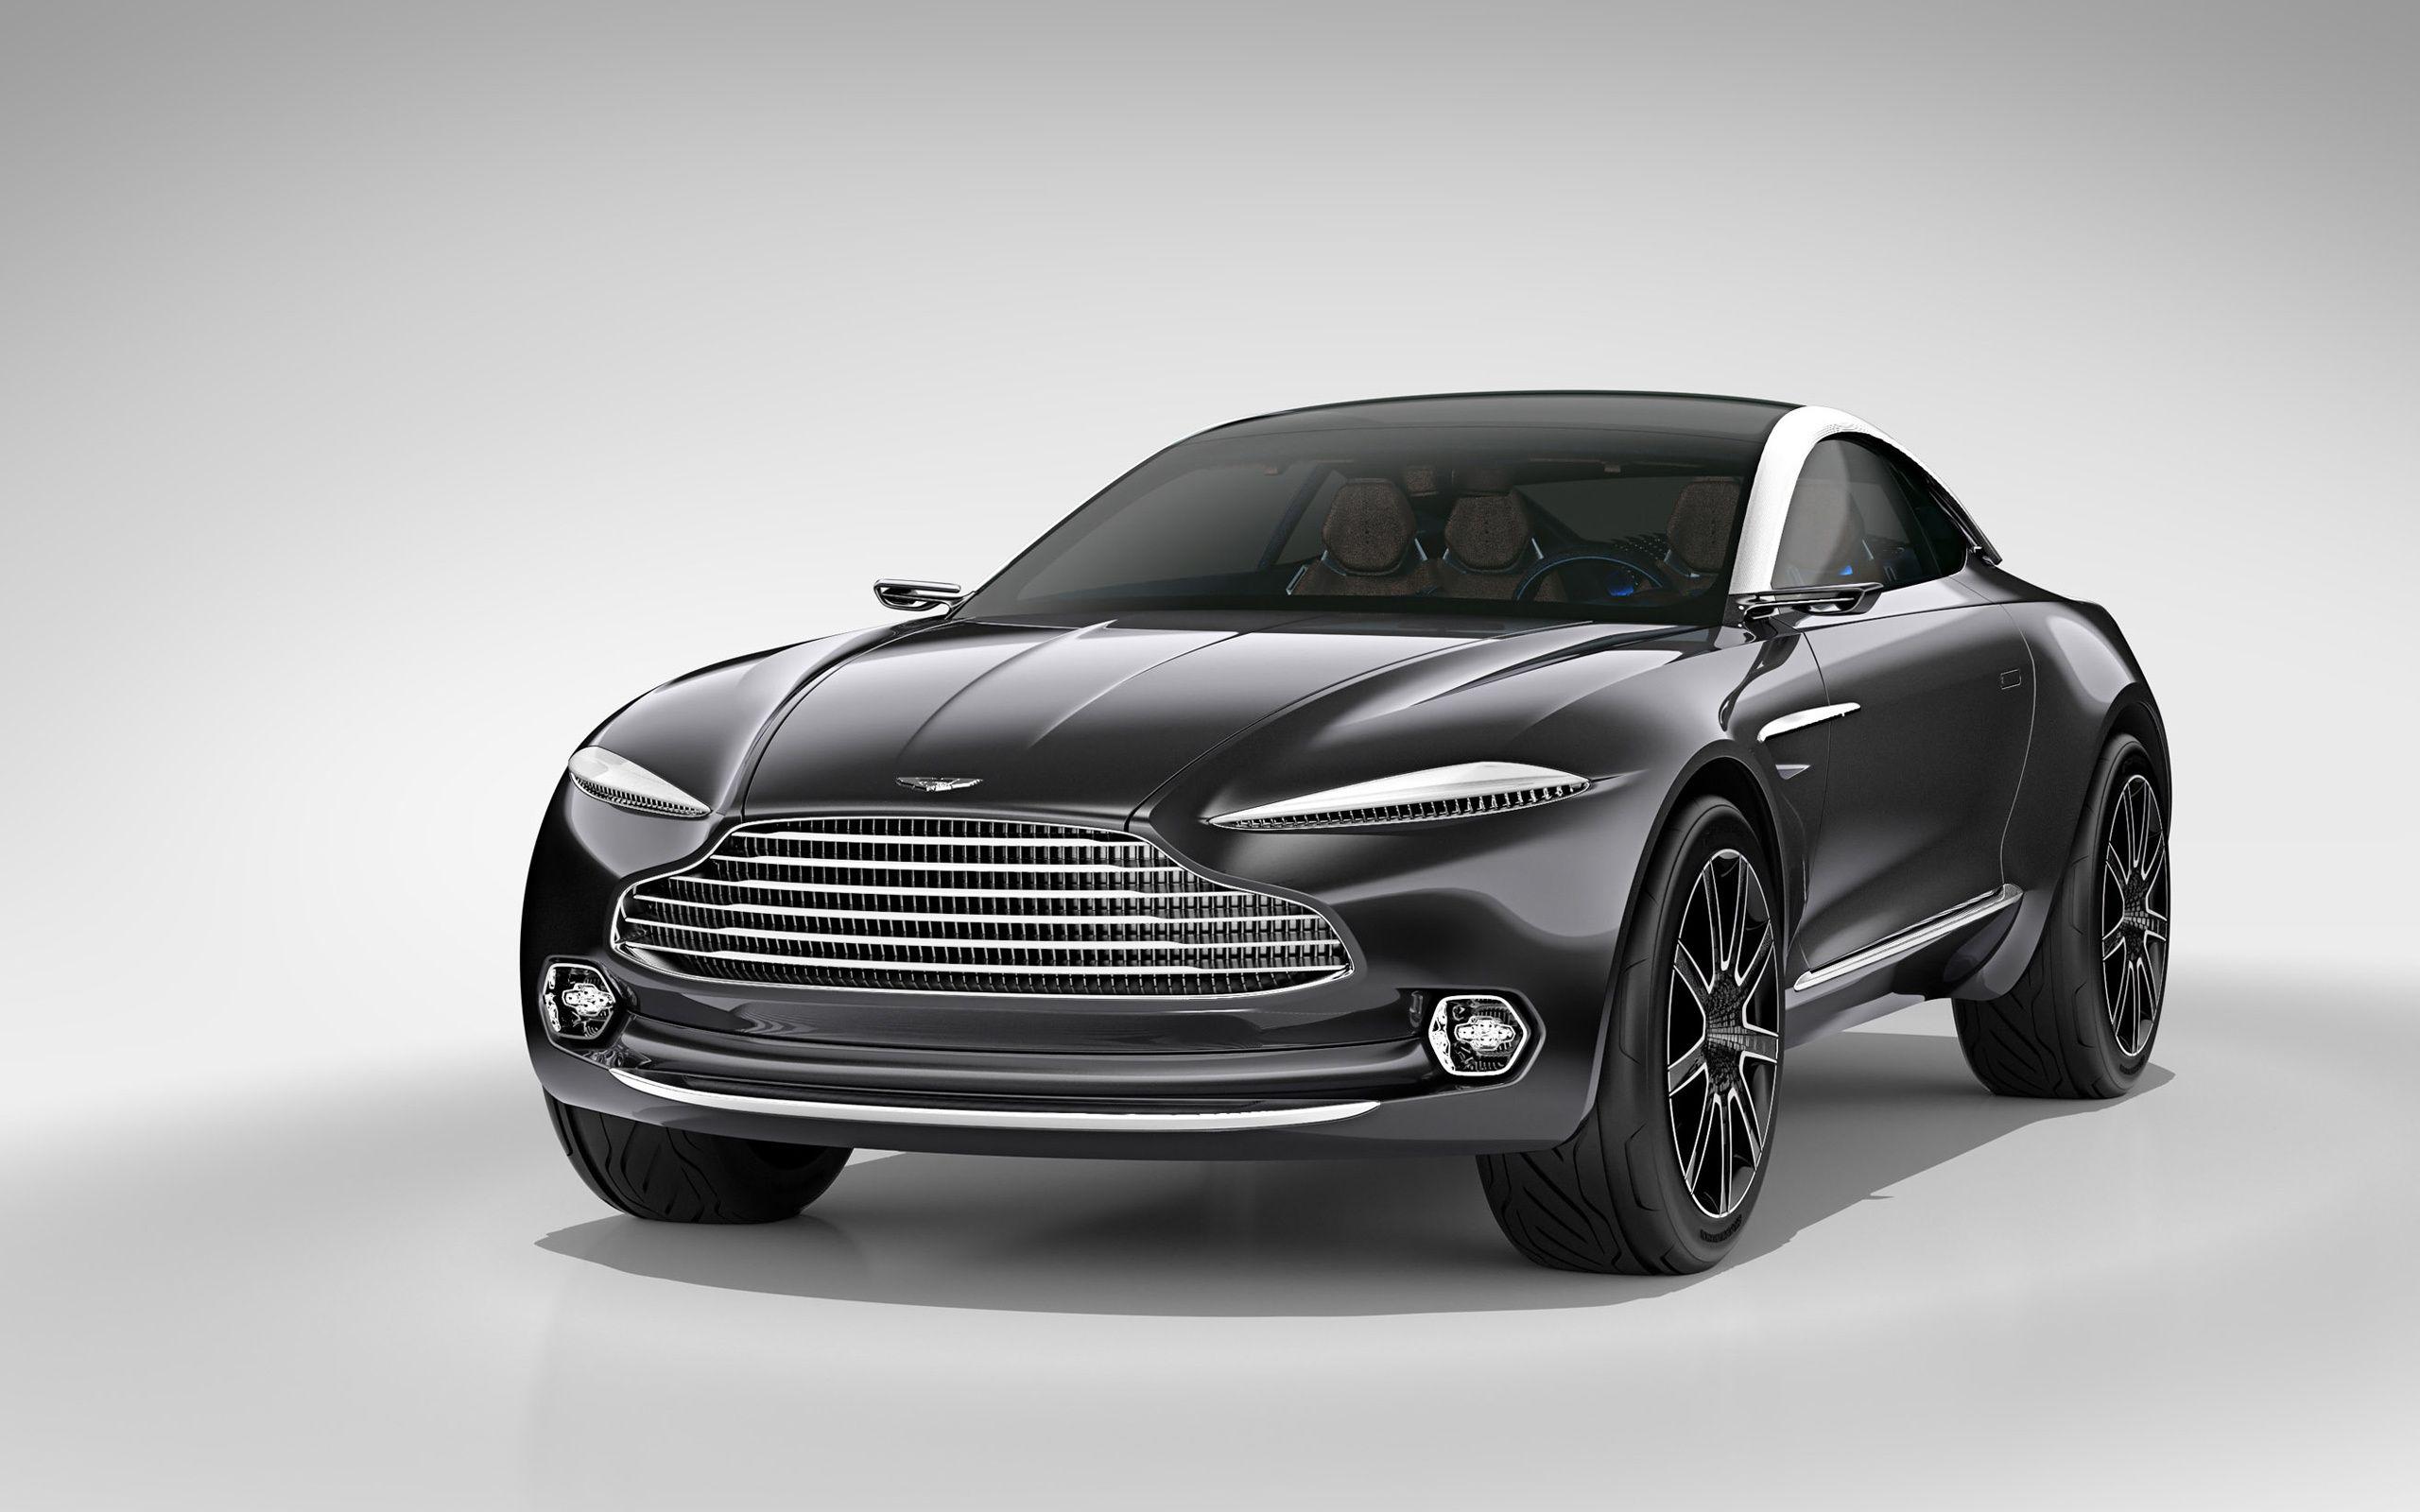 Aston Martin Auto DBX Concept 2015 HD Wallpaper